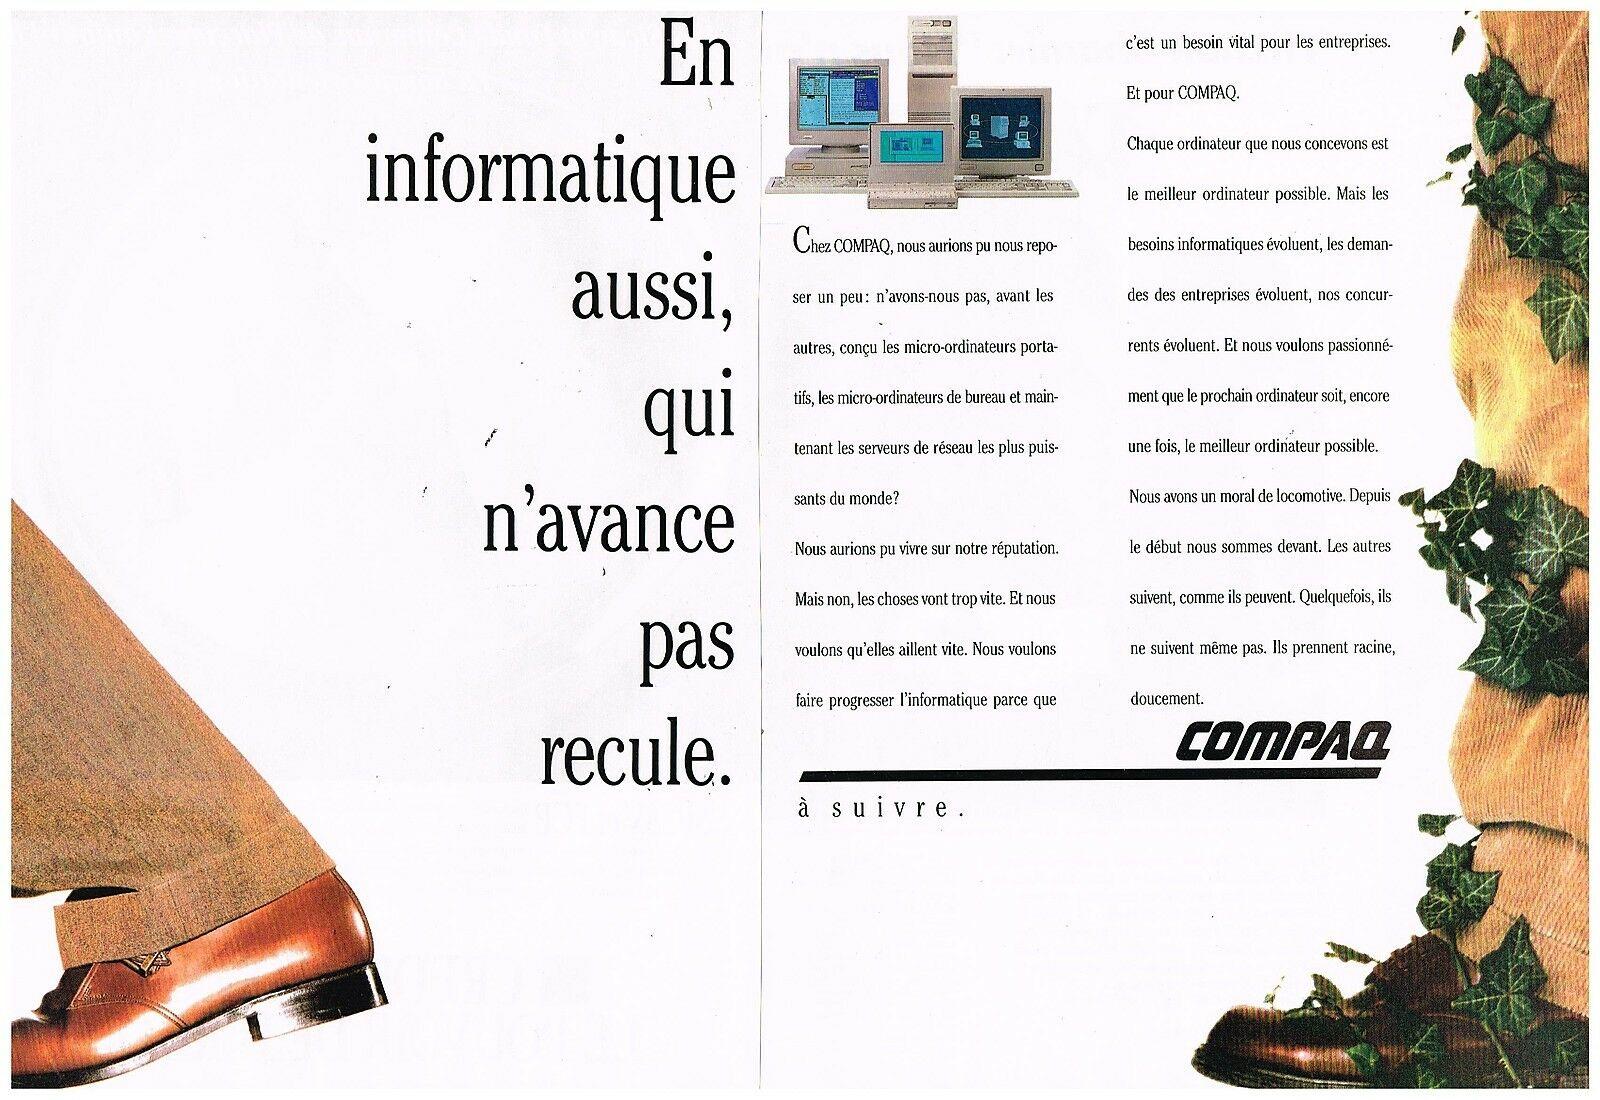 1990 Les Ordinateurs Compaq